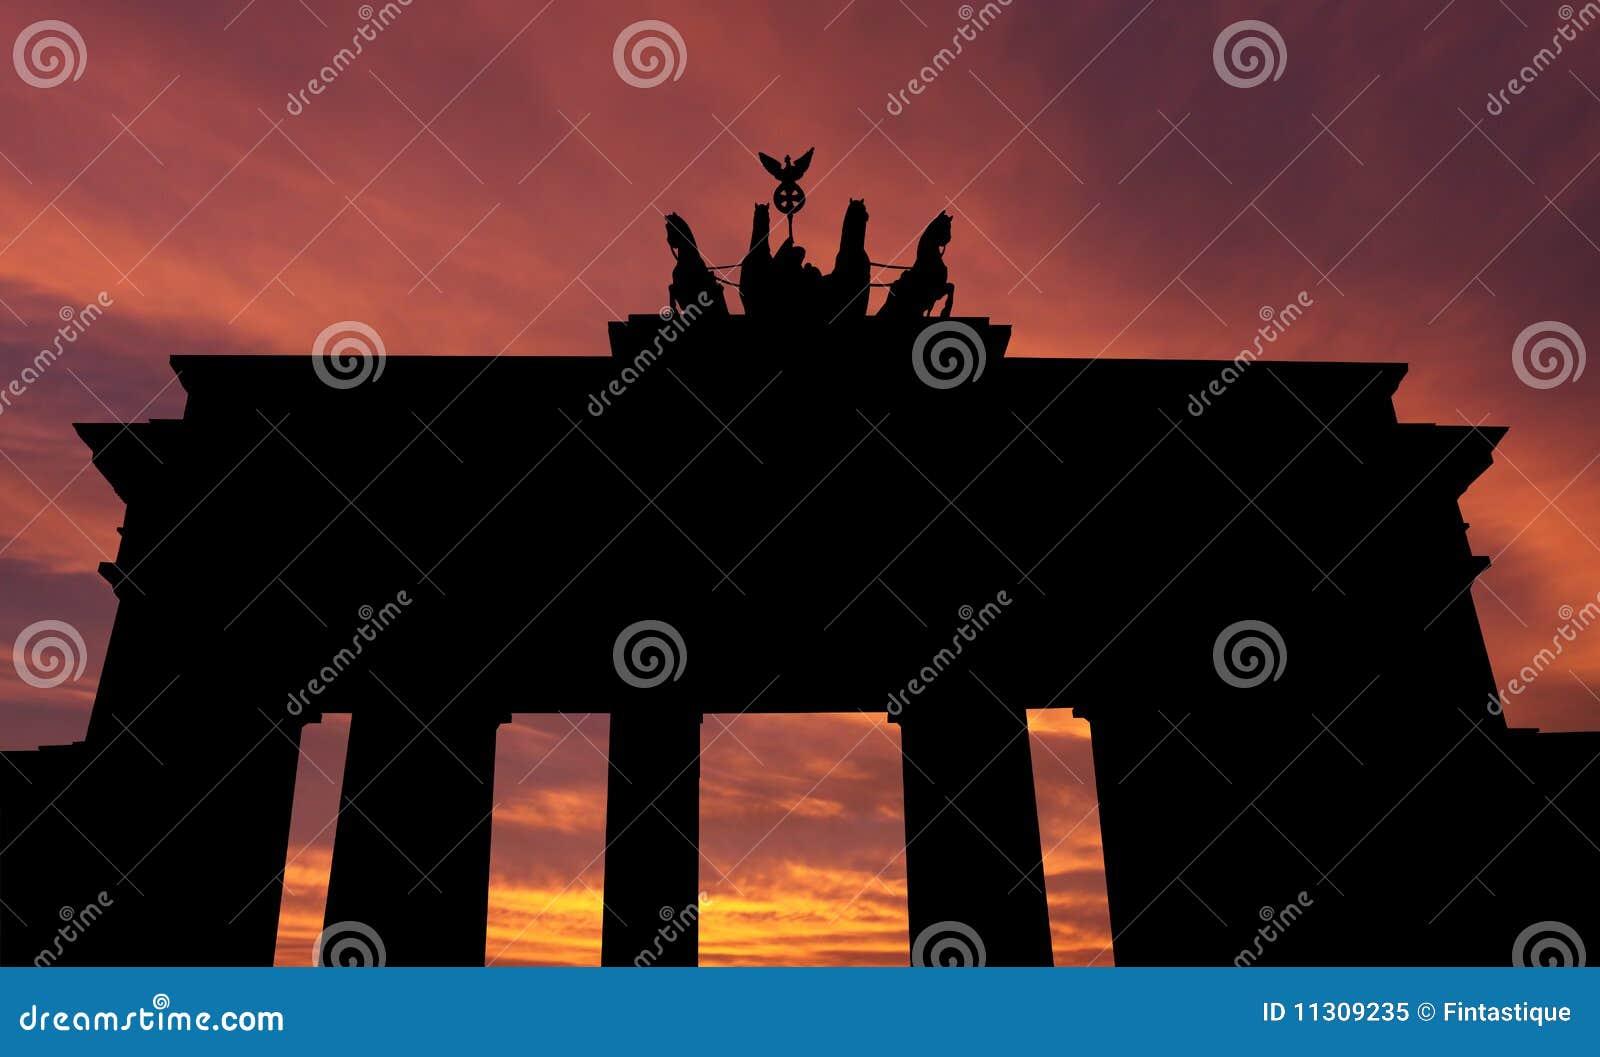 Brandenburger Tor am Sonnenuntergang